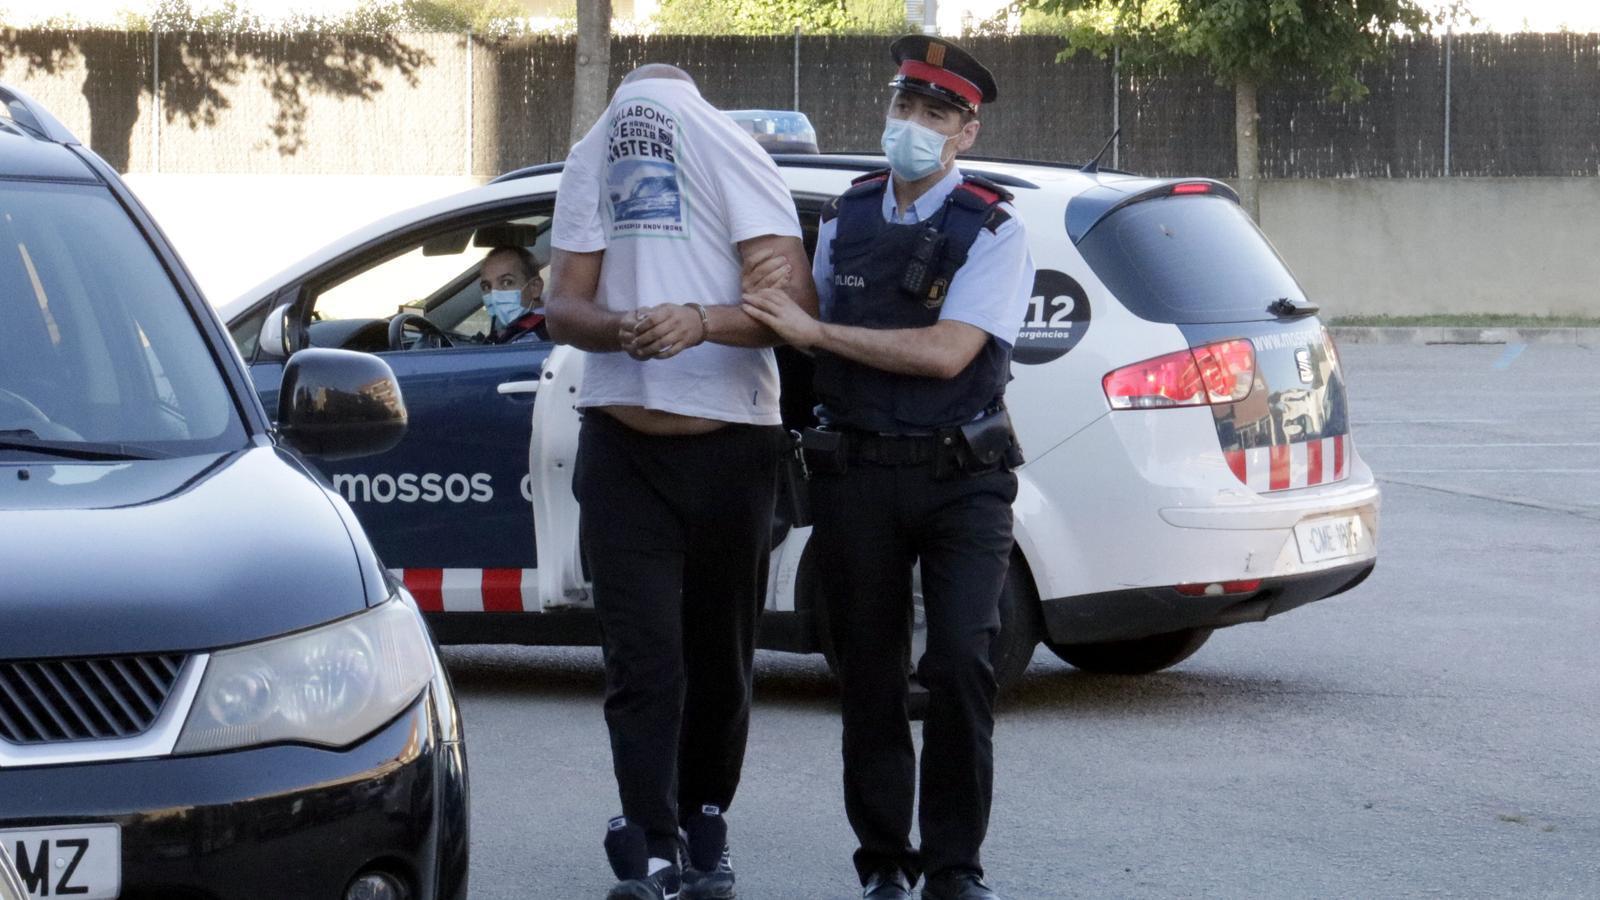 Un dels detinguts en l'operatiu de fa dues setmanes contra la trama de tràfic de marihuana